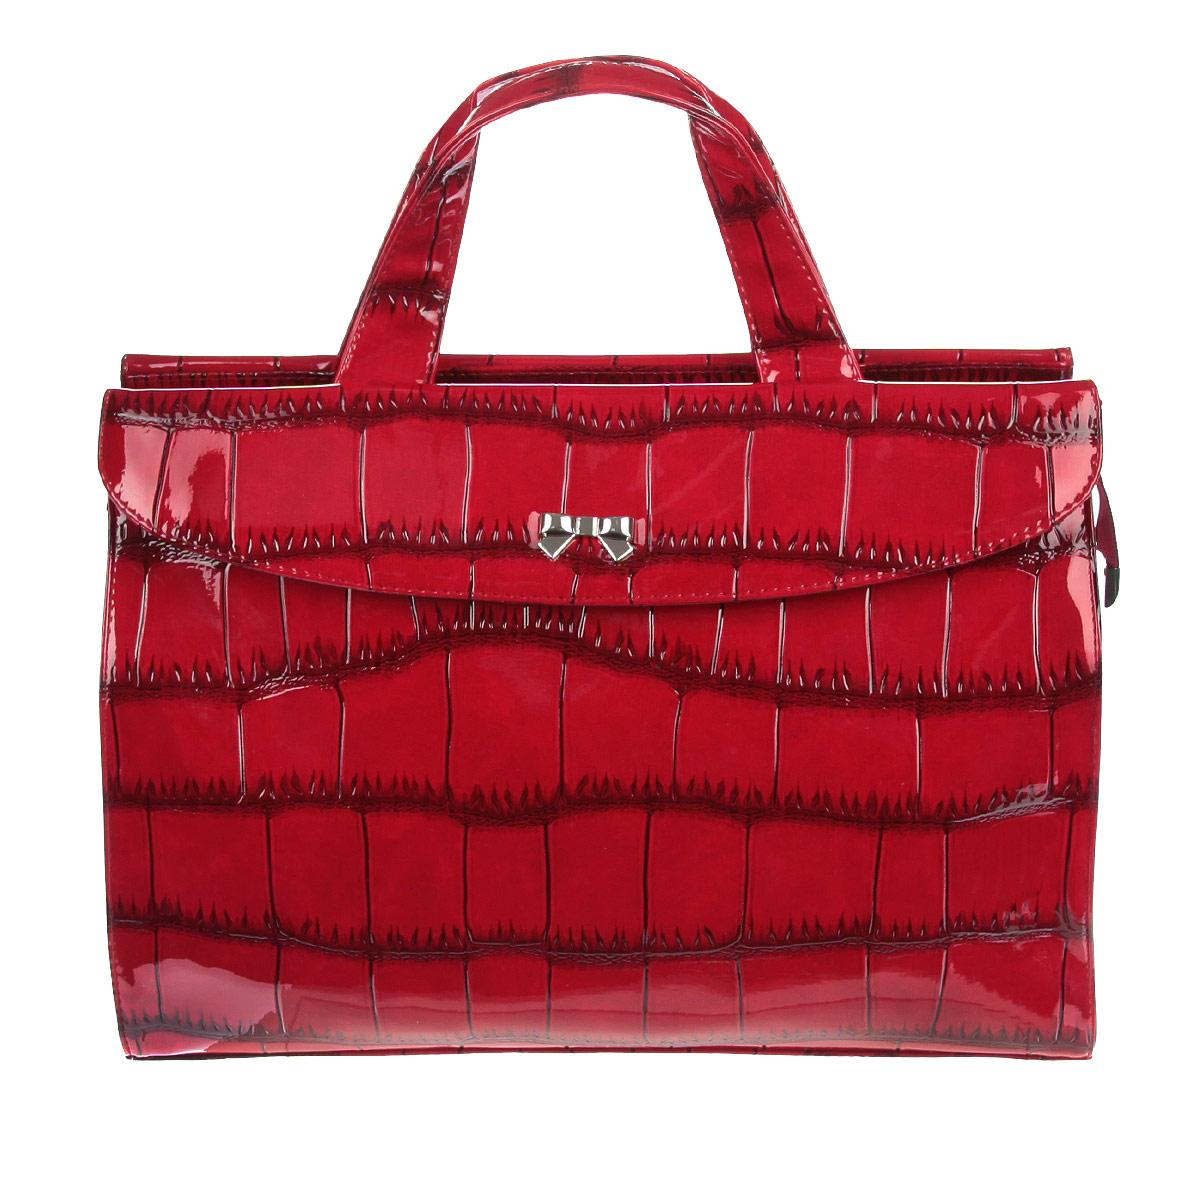 Сумка женская Antan, цвет: красный. 3-53 В3-53 ВОригинальная женская сумка  Antan выполнена из искусственной лакированной кожи, оформлена тиснением под рептилию и кокетливым бантиком серебристого цвета. Модель имеет одно основное отделение, закрывающееся на застежку-молнию. Внутри: два накладных кармана для мелочей и телефона и врезной карман на молнии. В стенках сумки размещены два накладных кармана на магнитных кнопках. Изделие оснащено двумя практичными ручками и плечевым ремнем. Блестящий дизайн сумки, сочетающий классические формы с оригинальным оформлением, позволит вам подчеркнуть свою индивидуальность и сделает ваш образ изысканным и завершенным.